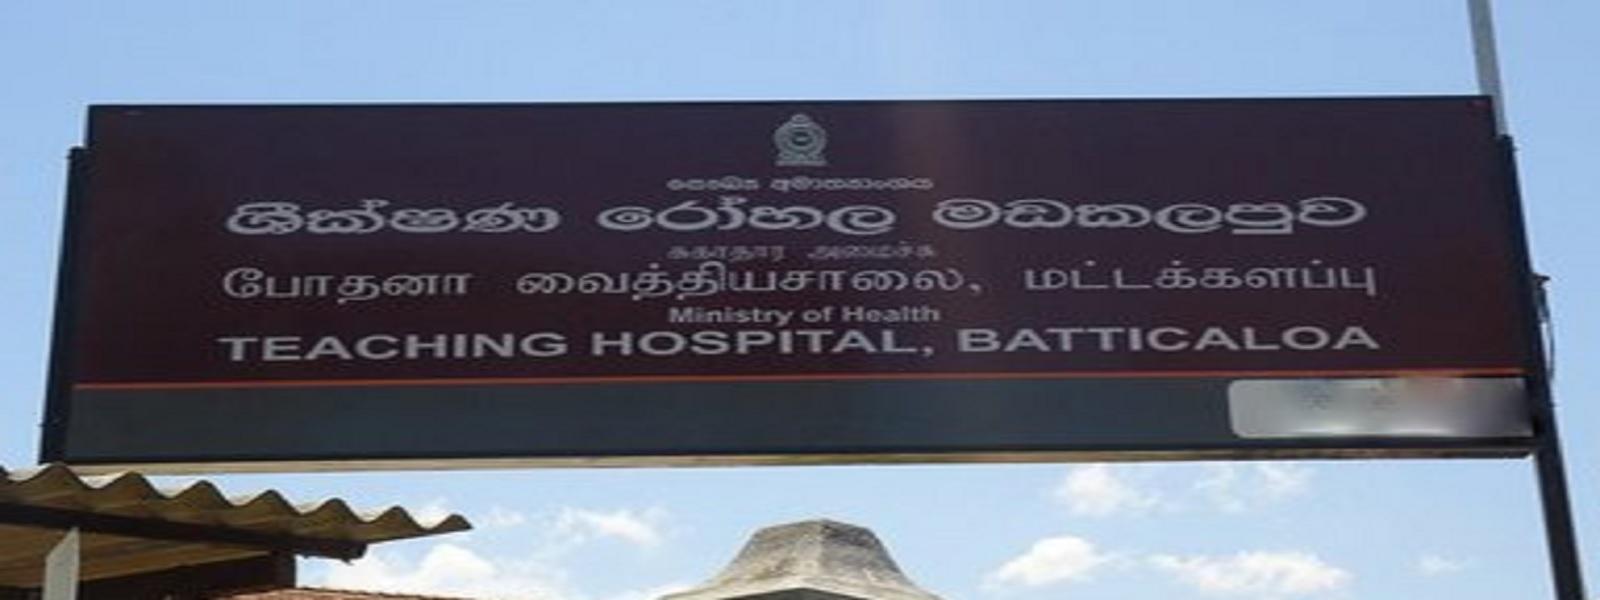 மட்டக்களப்பு போதனா வைத்தியசாலையின் ஒரு பிரிவு தற்காலிகமாக மூடப்பட்டுள்ளது